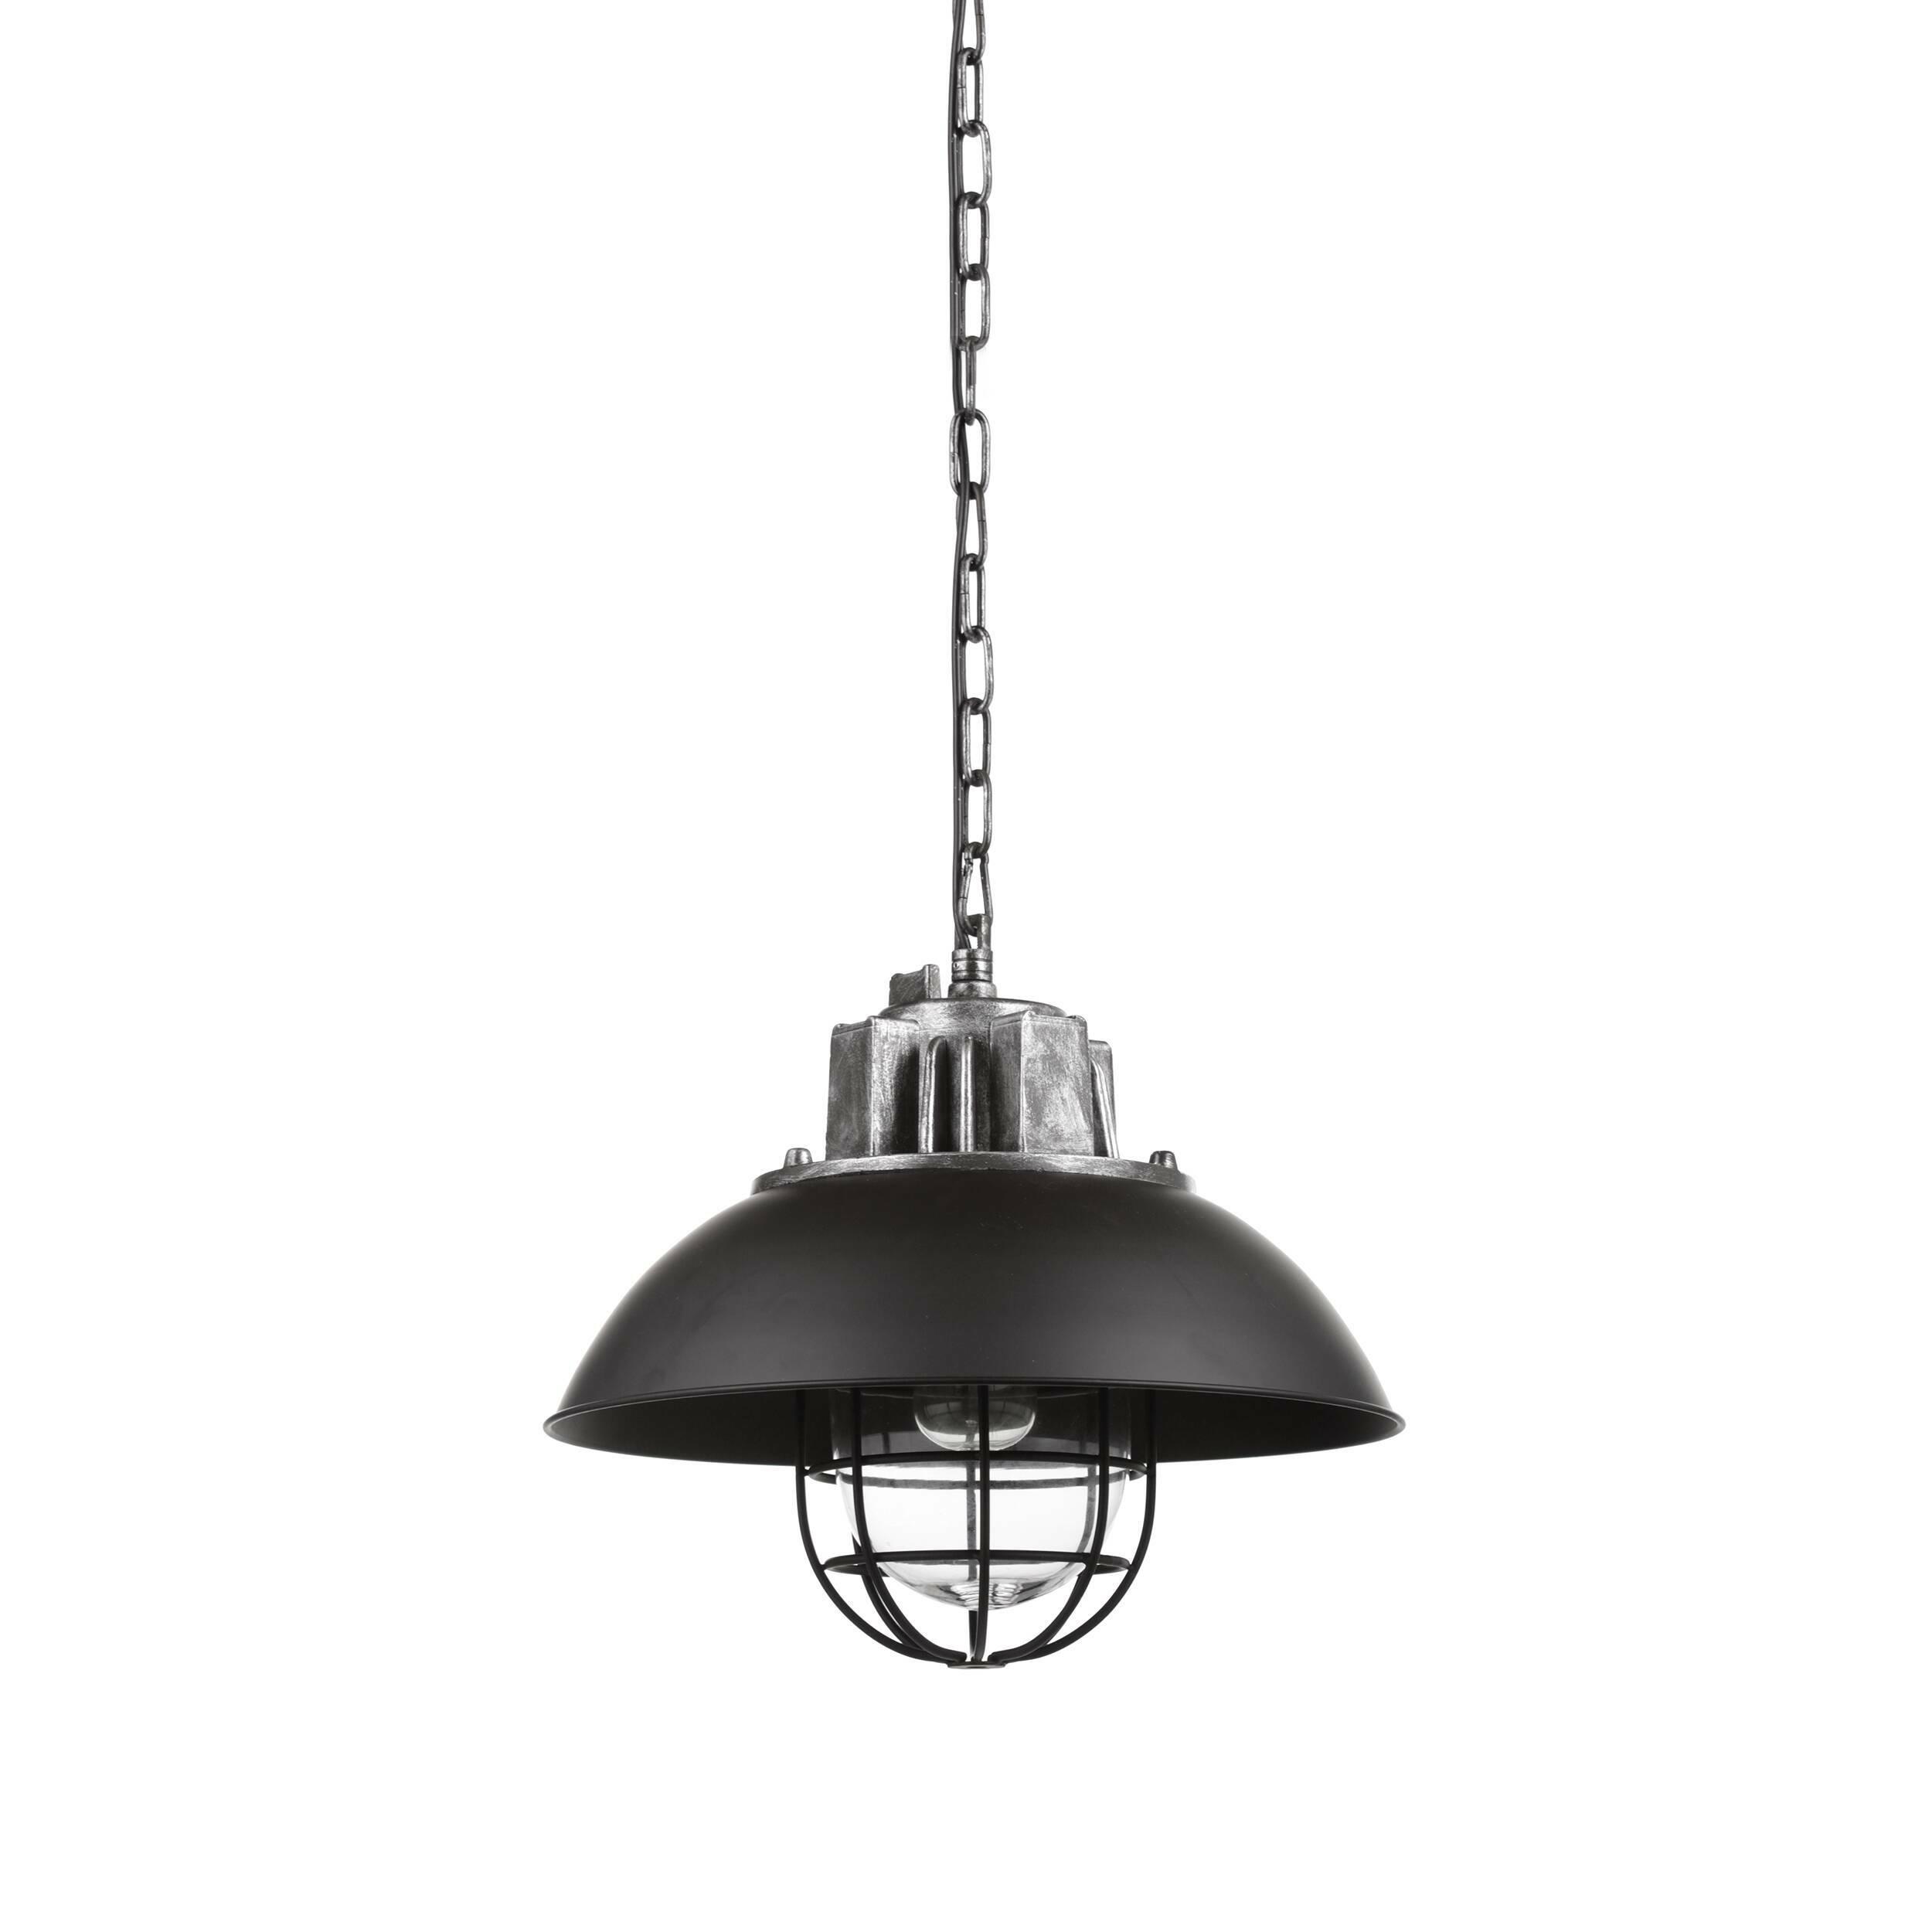 Подвесной светильник HoxtonПодвесные<br>Лофт — весьма оригинальный стиль, который допускает смешение совершенно разных направлений как в обстановке, так и в элементах декора. Ярким представителем стиля является подвесной светильник Hoxton — неповторимый дизайн, объединивший в себе черты нью-йоркского стиля и современного хай-тек-оформления.<br><br><br> Подвесной светильник Hoxton представляет собой необычную конструкцию из черного основания, плафона в виде круглого купола и необычной конструкции в виде клетки, в которую помещается ла...<br><br>stock: 1<br>Высота: 41<br>Длина: 44<br>Длина провода: 150<br>Количество ламп: 1<br>Материал абажура: Сталь<br>Мощность лампы: 40<br>Ламп в комплекте: Нет<br>Напряжение: 220<br>Тип лампы/цоколь: E27<br>Цвет абажура: Черный<br>Цвет провода: Черный